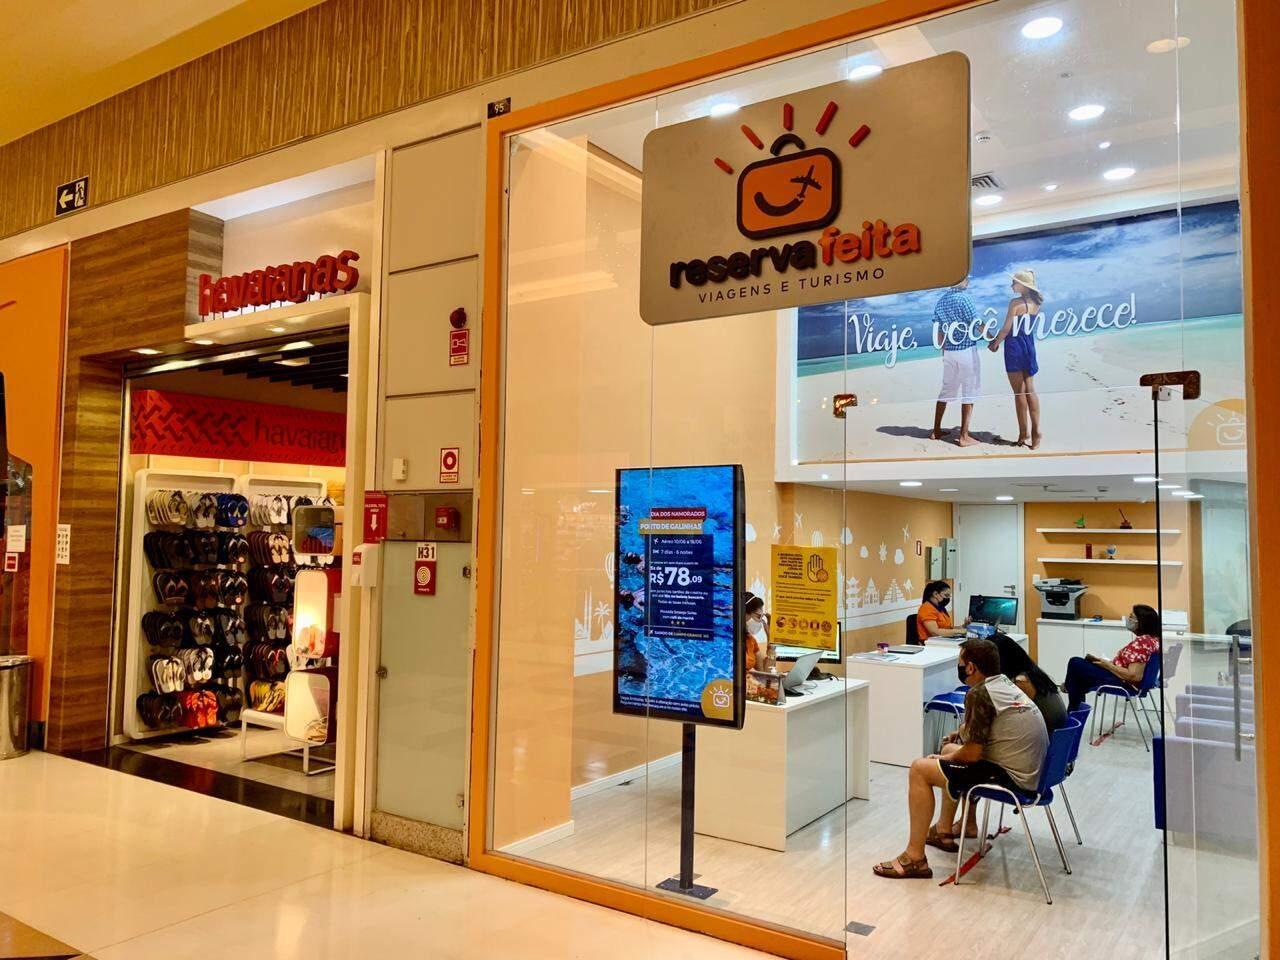 Agência de viagens do shopping terá atendimento diferenciado para evitar aglomerações. (Foto: Divulgação)